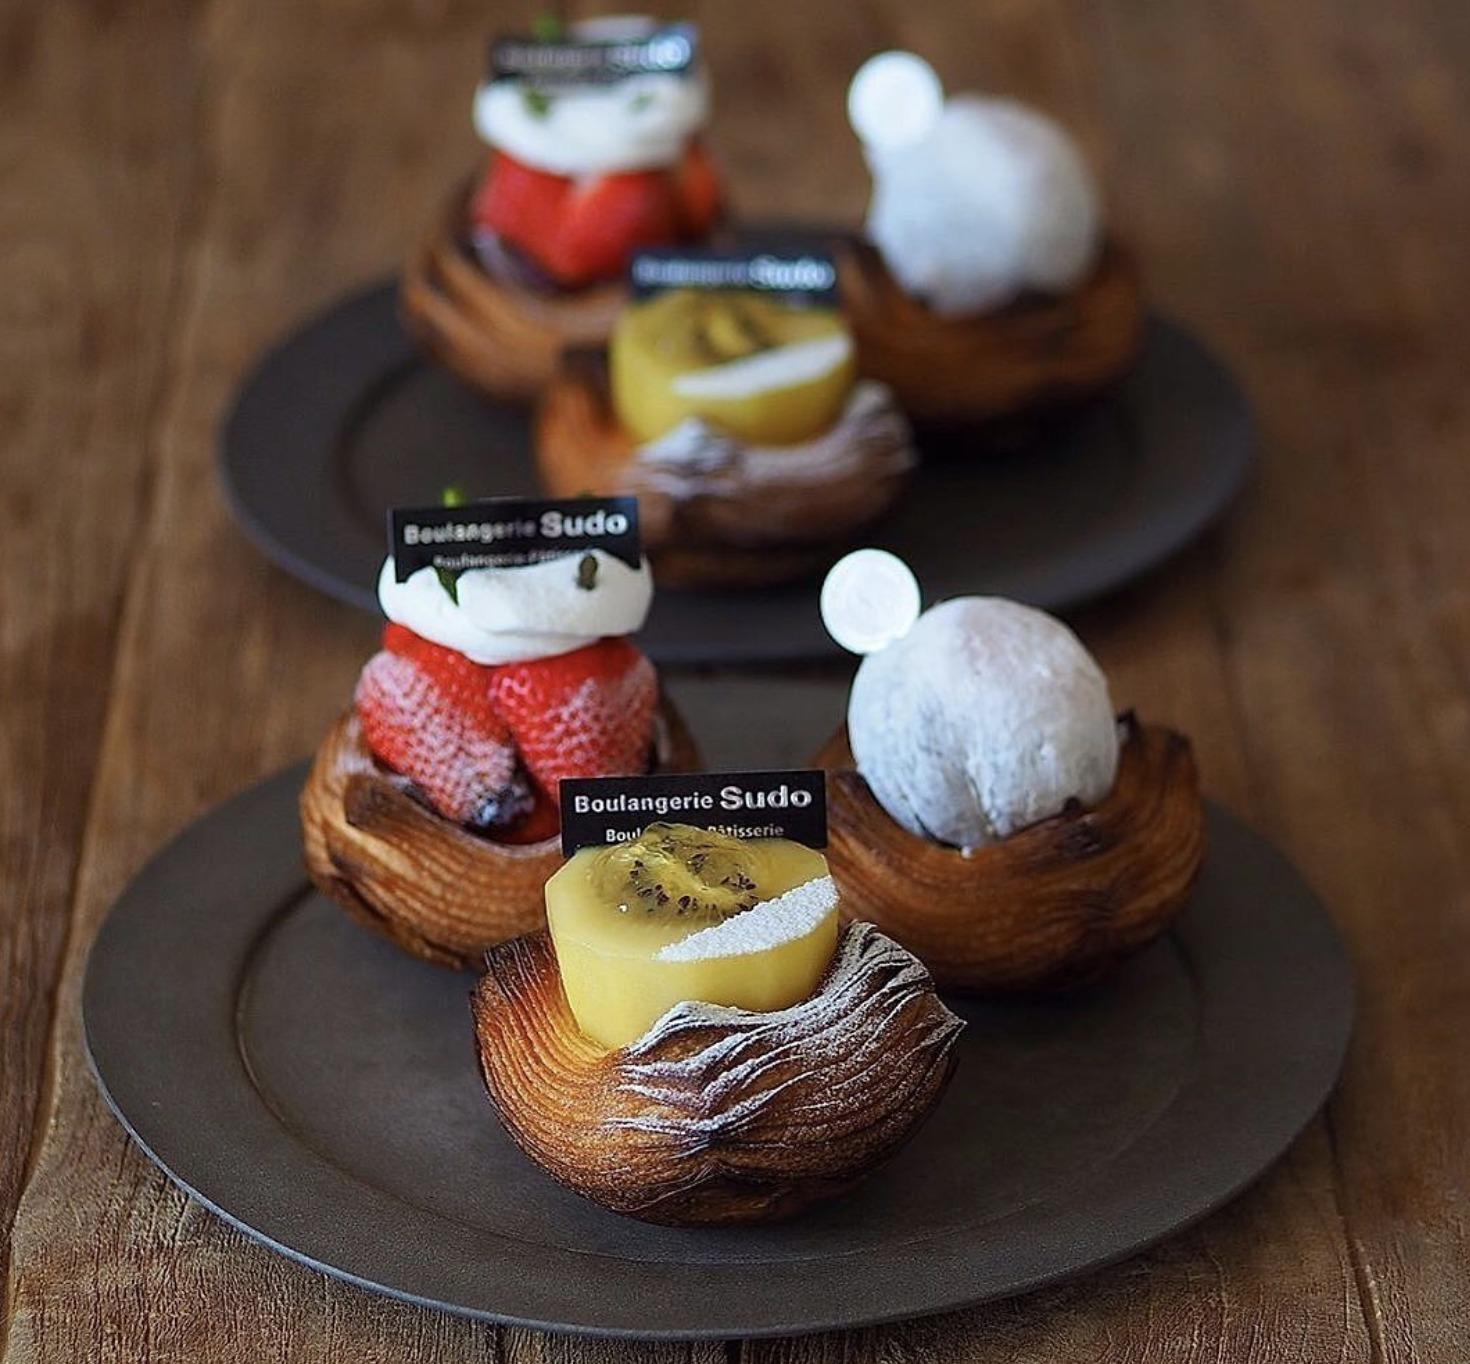 Boulangerie Sudoのフルーツデニッシュ